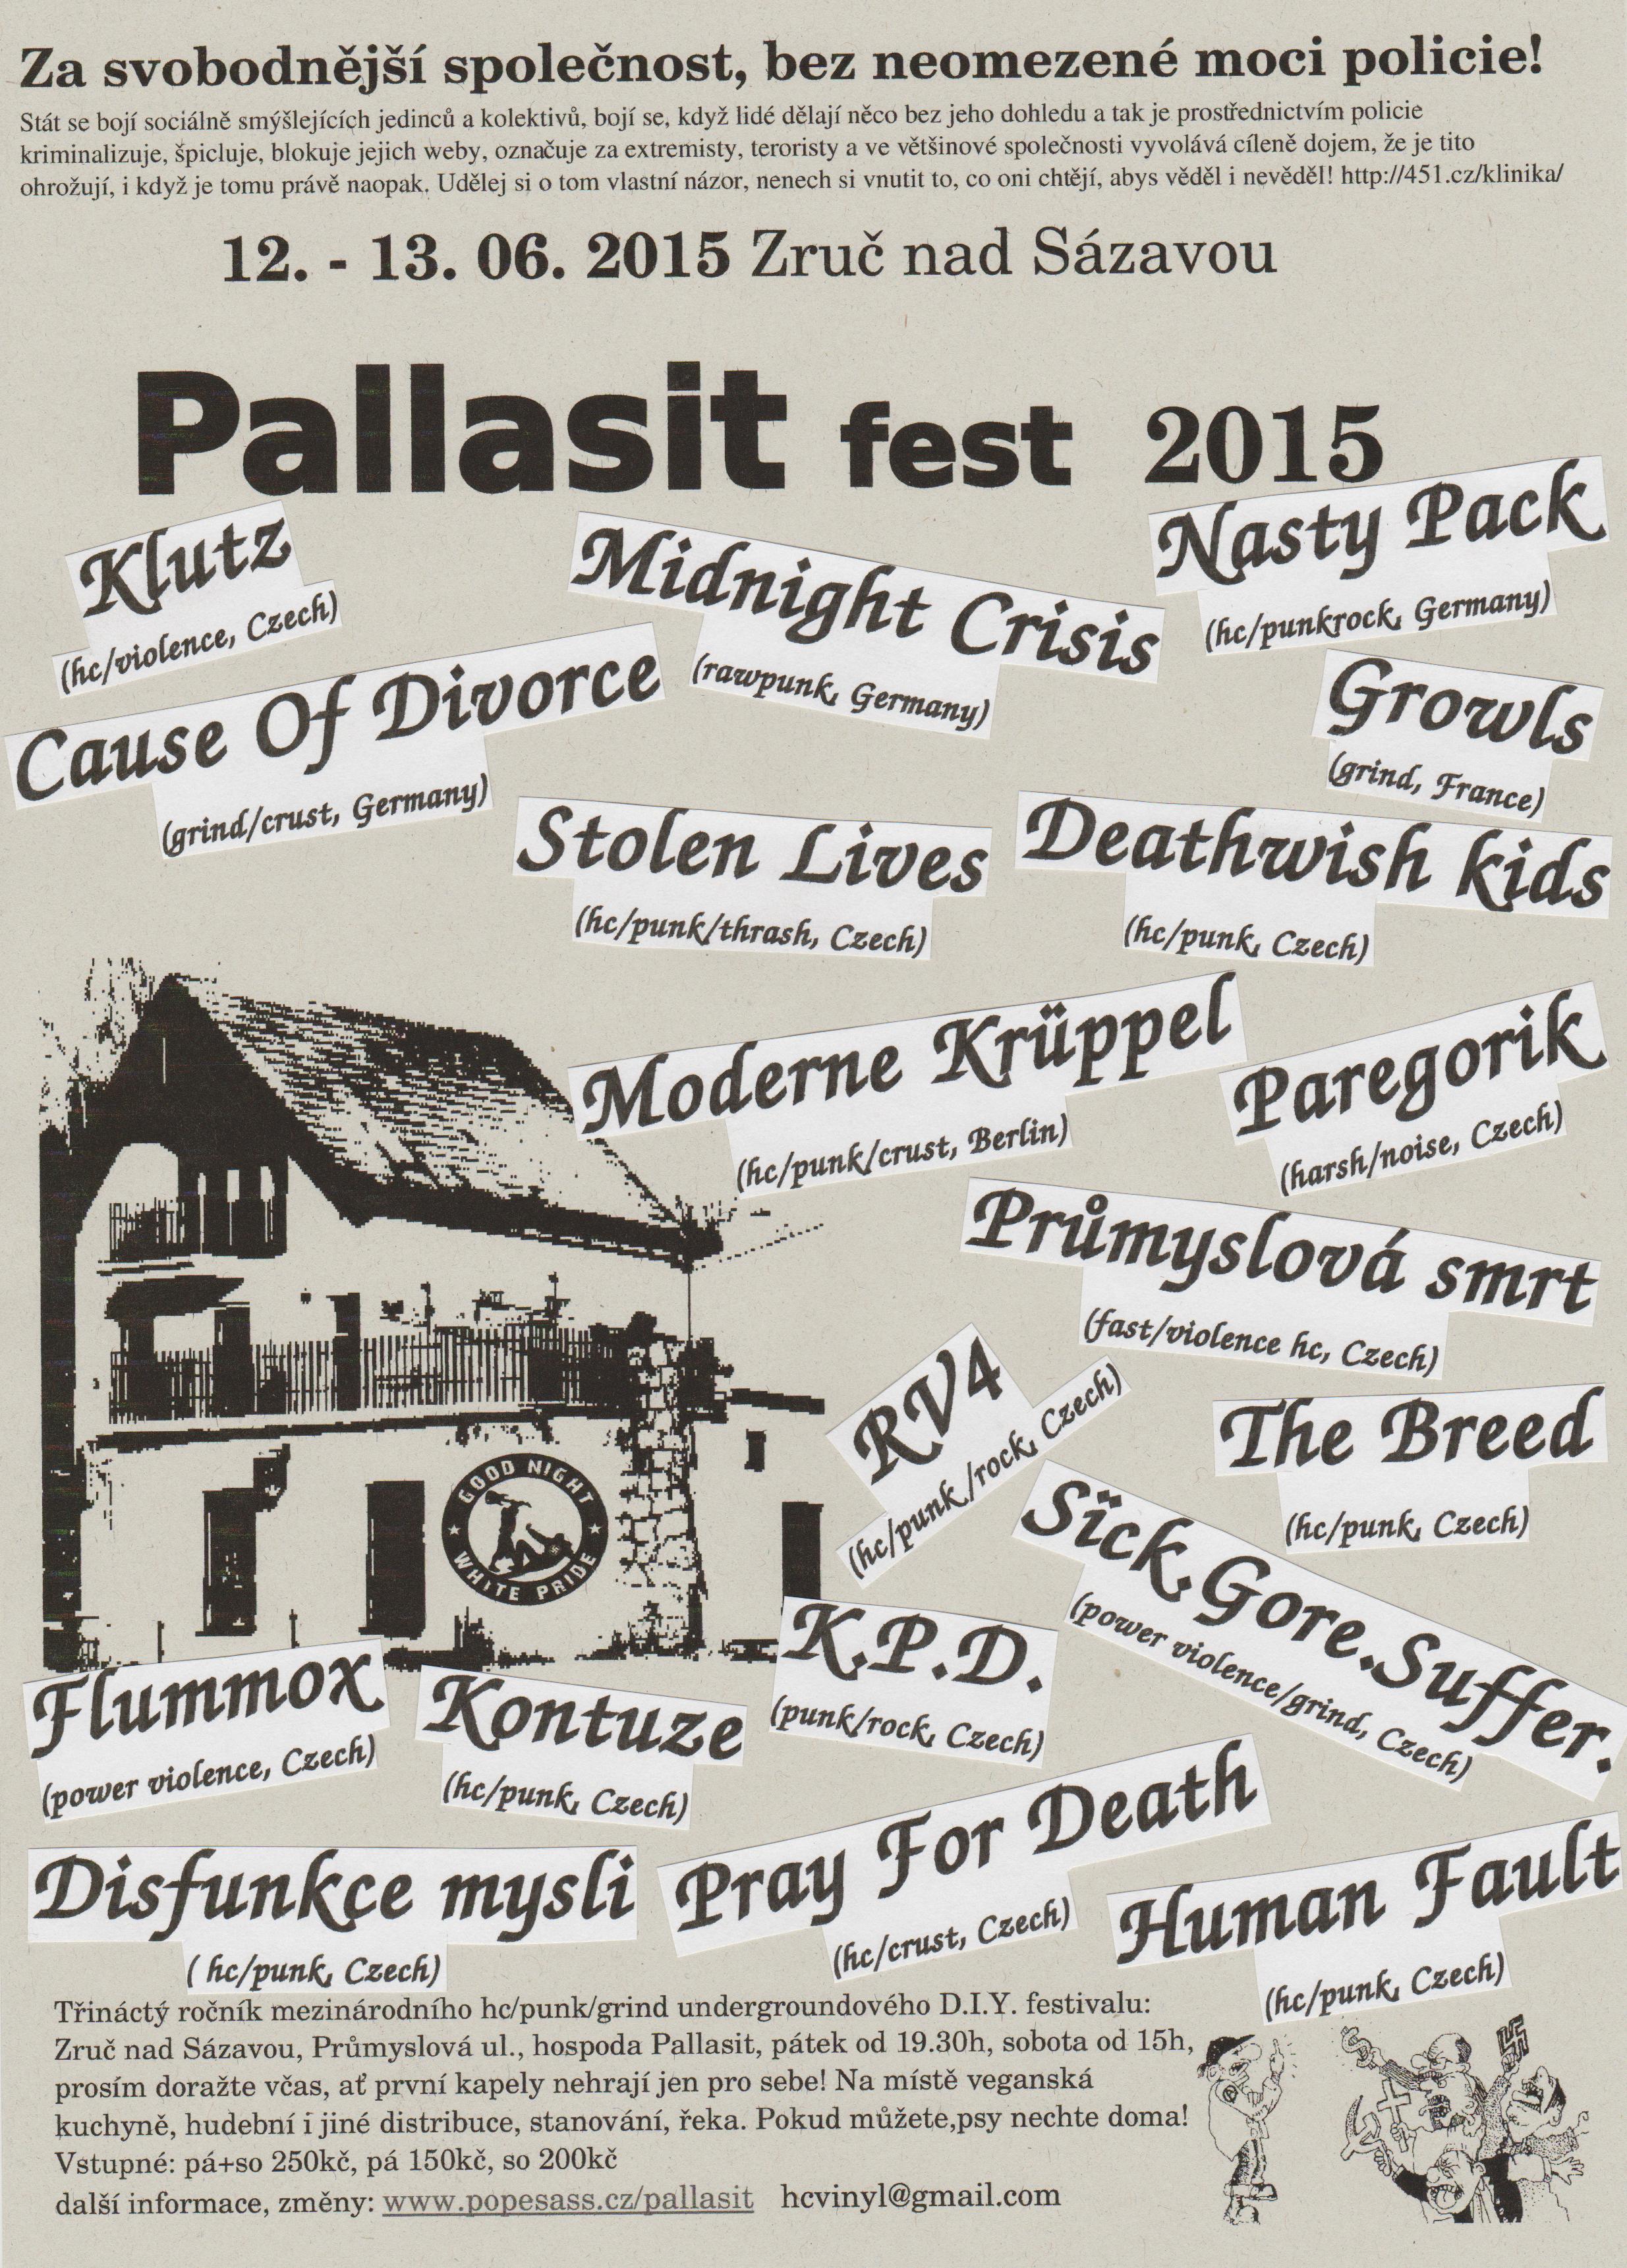 Plakát Pallasit fest 2015